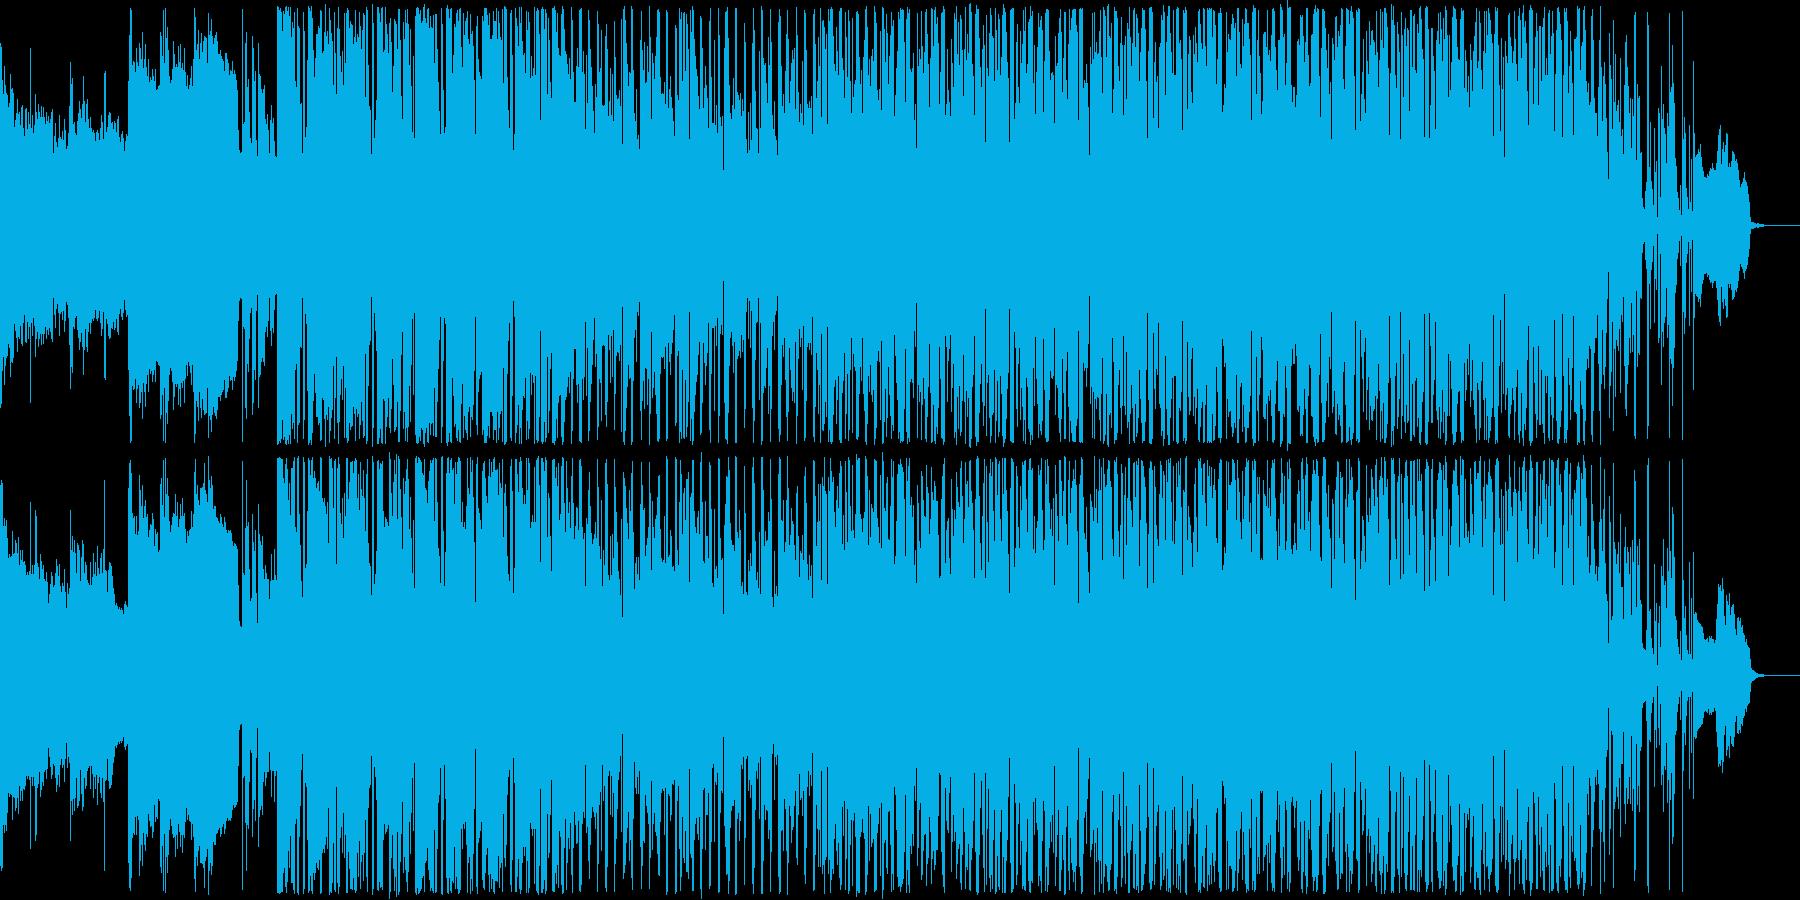 フュージョン調の軽快なBGMの再生済みの波形